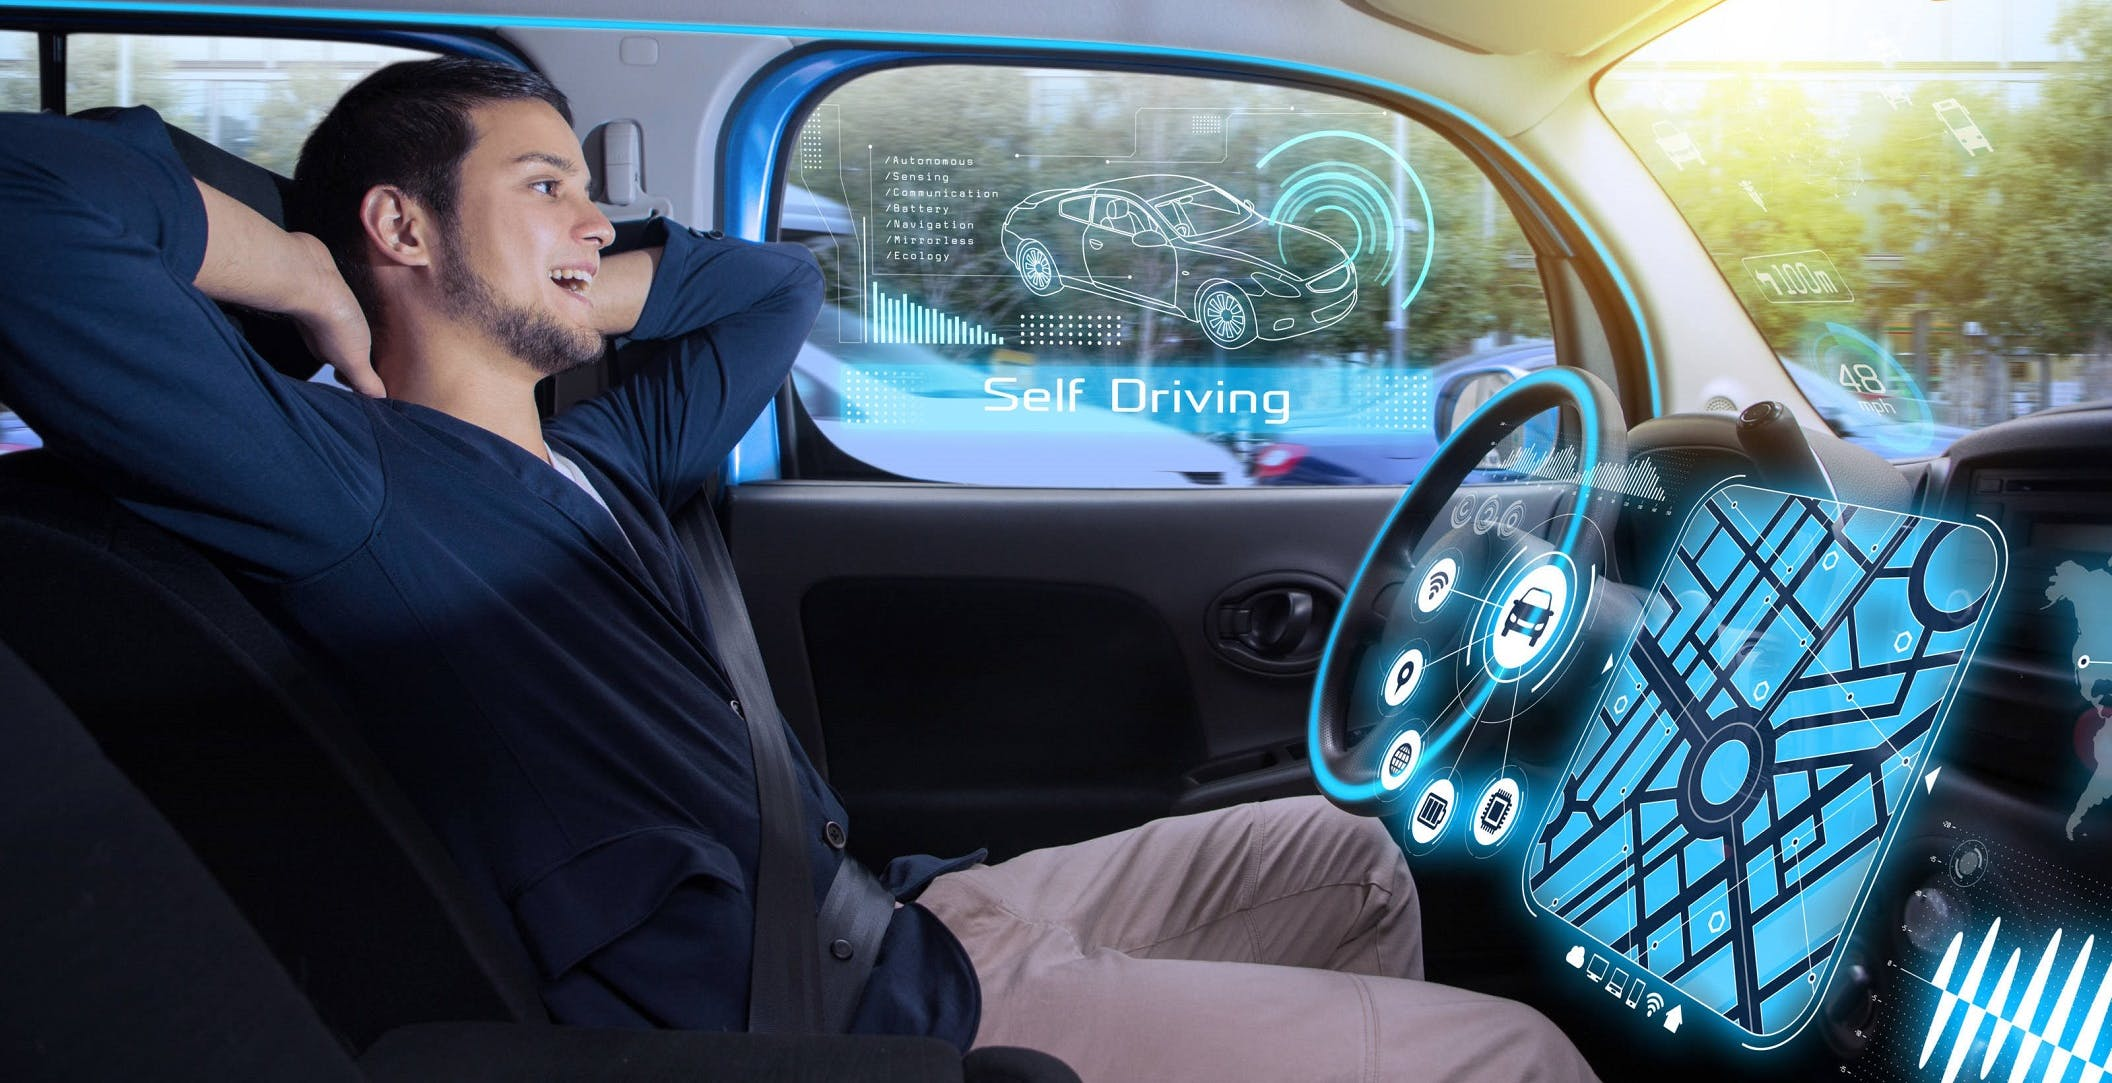 Le auto a guida autonoma possono essere hackerate troppo facilmente. Lo dice un rapporto dell'Agenzia Europea